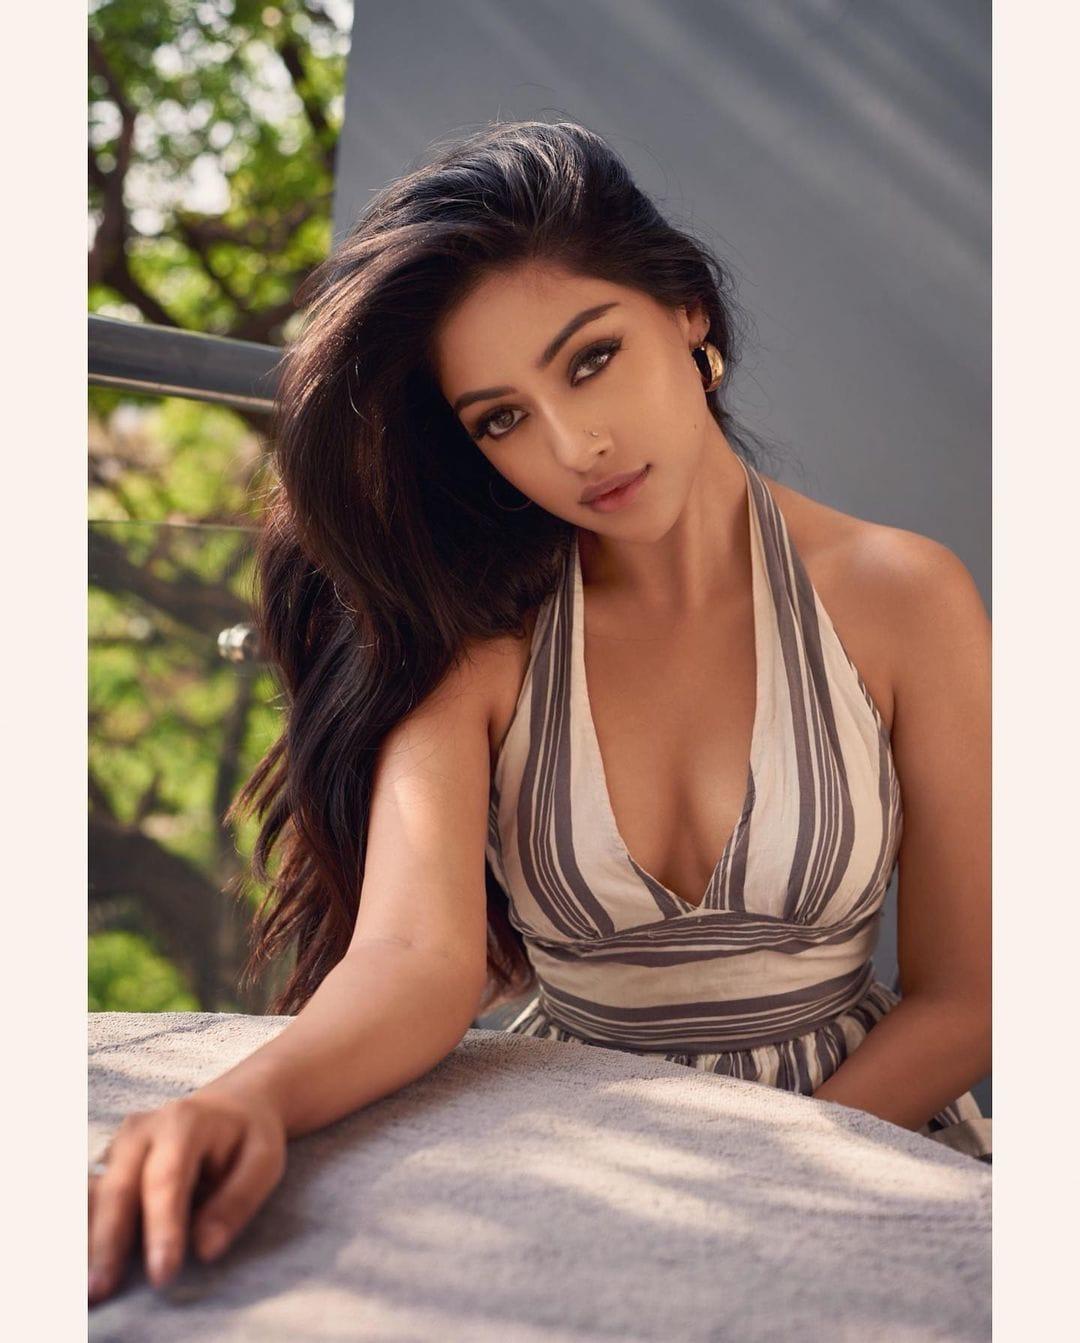 நடிகை அனு இமானுவேல் ( Image :Instagram @anuemmanuel)